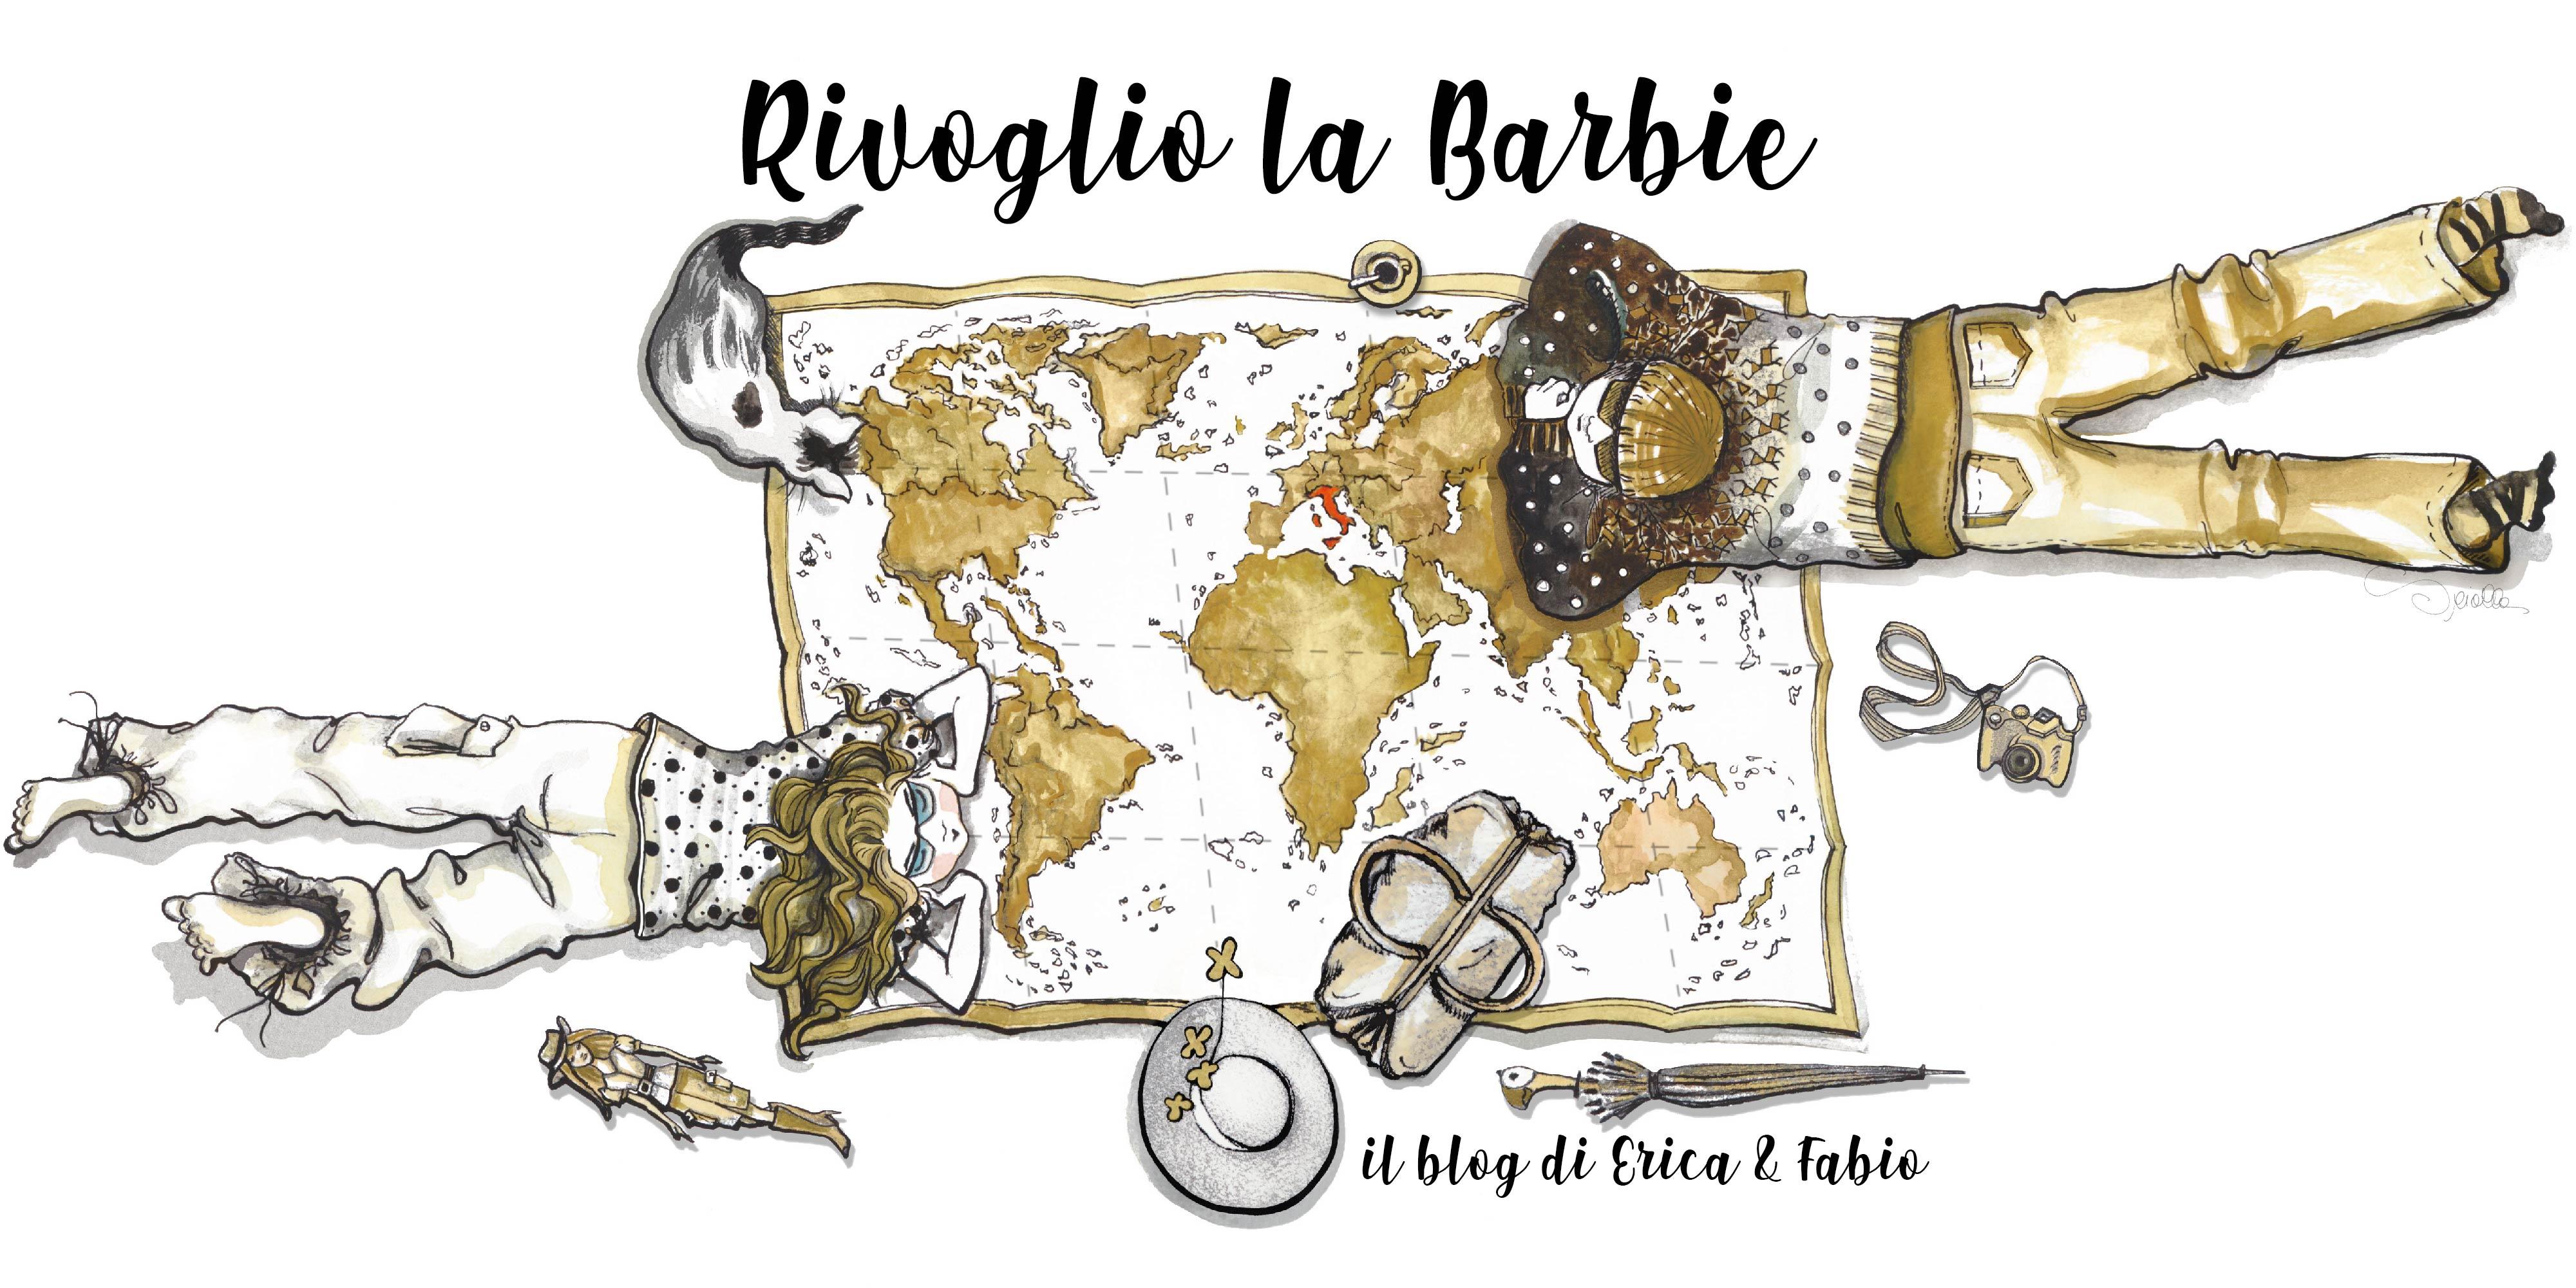 Rivoglio la Barbie - Il travel blog di Erica & Fabio